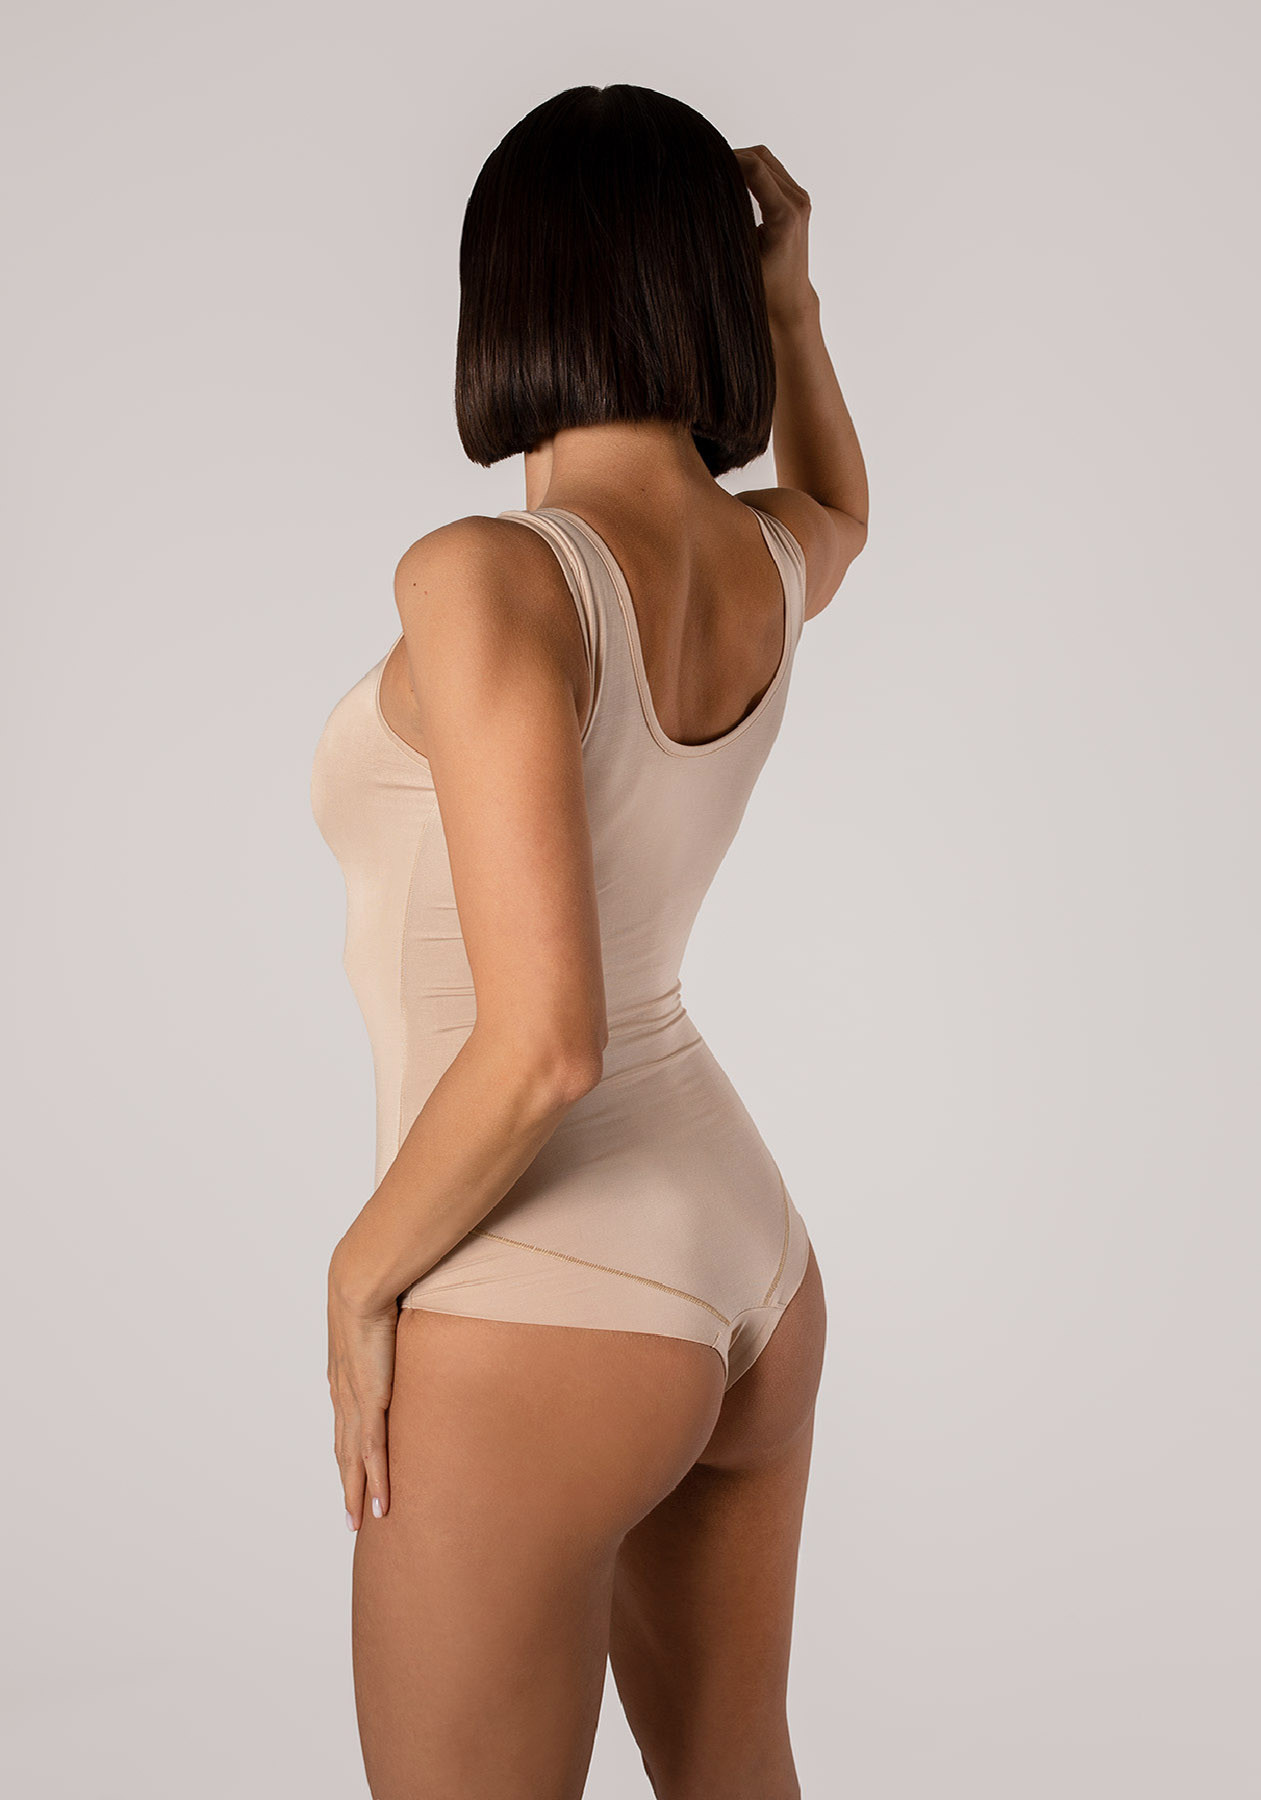 Women-BodySuit-ELKA-Lounge-W00005